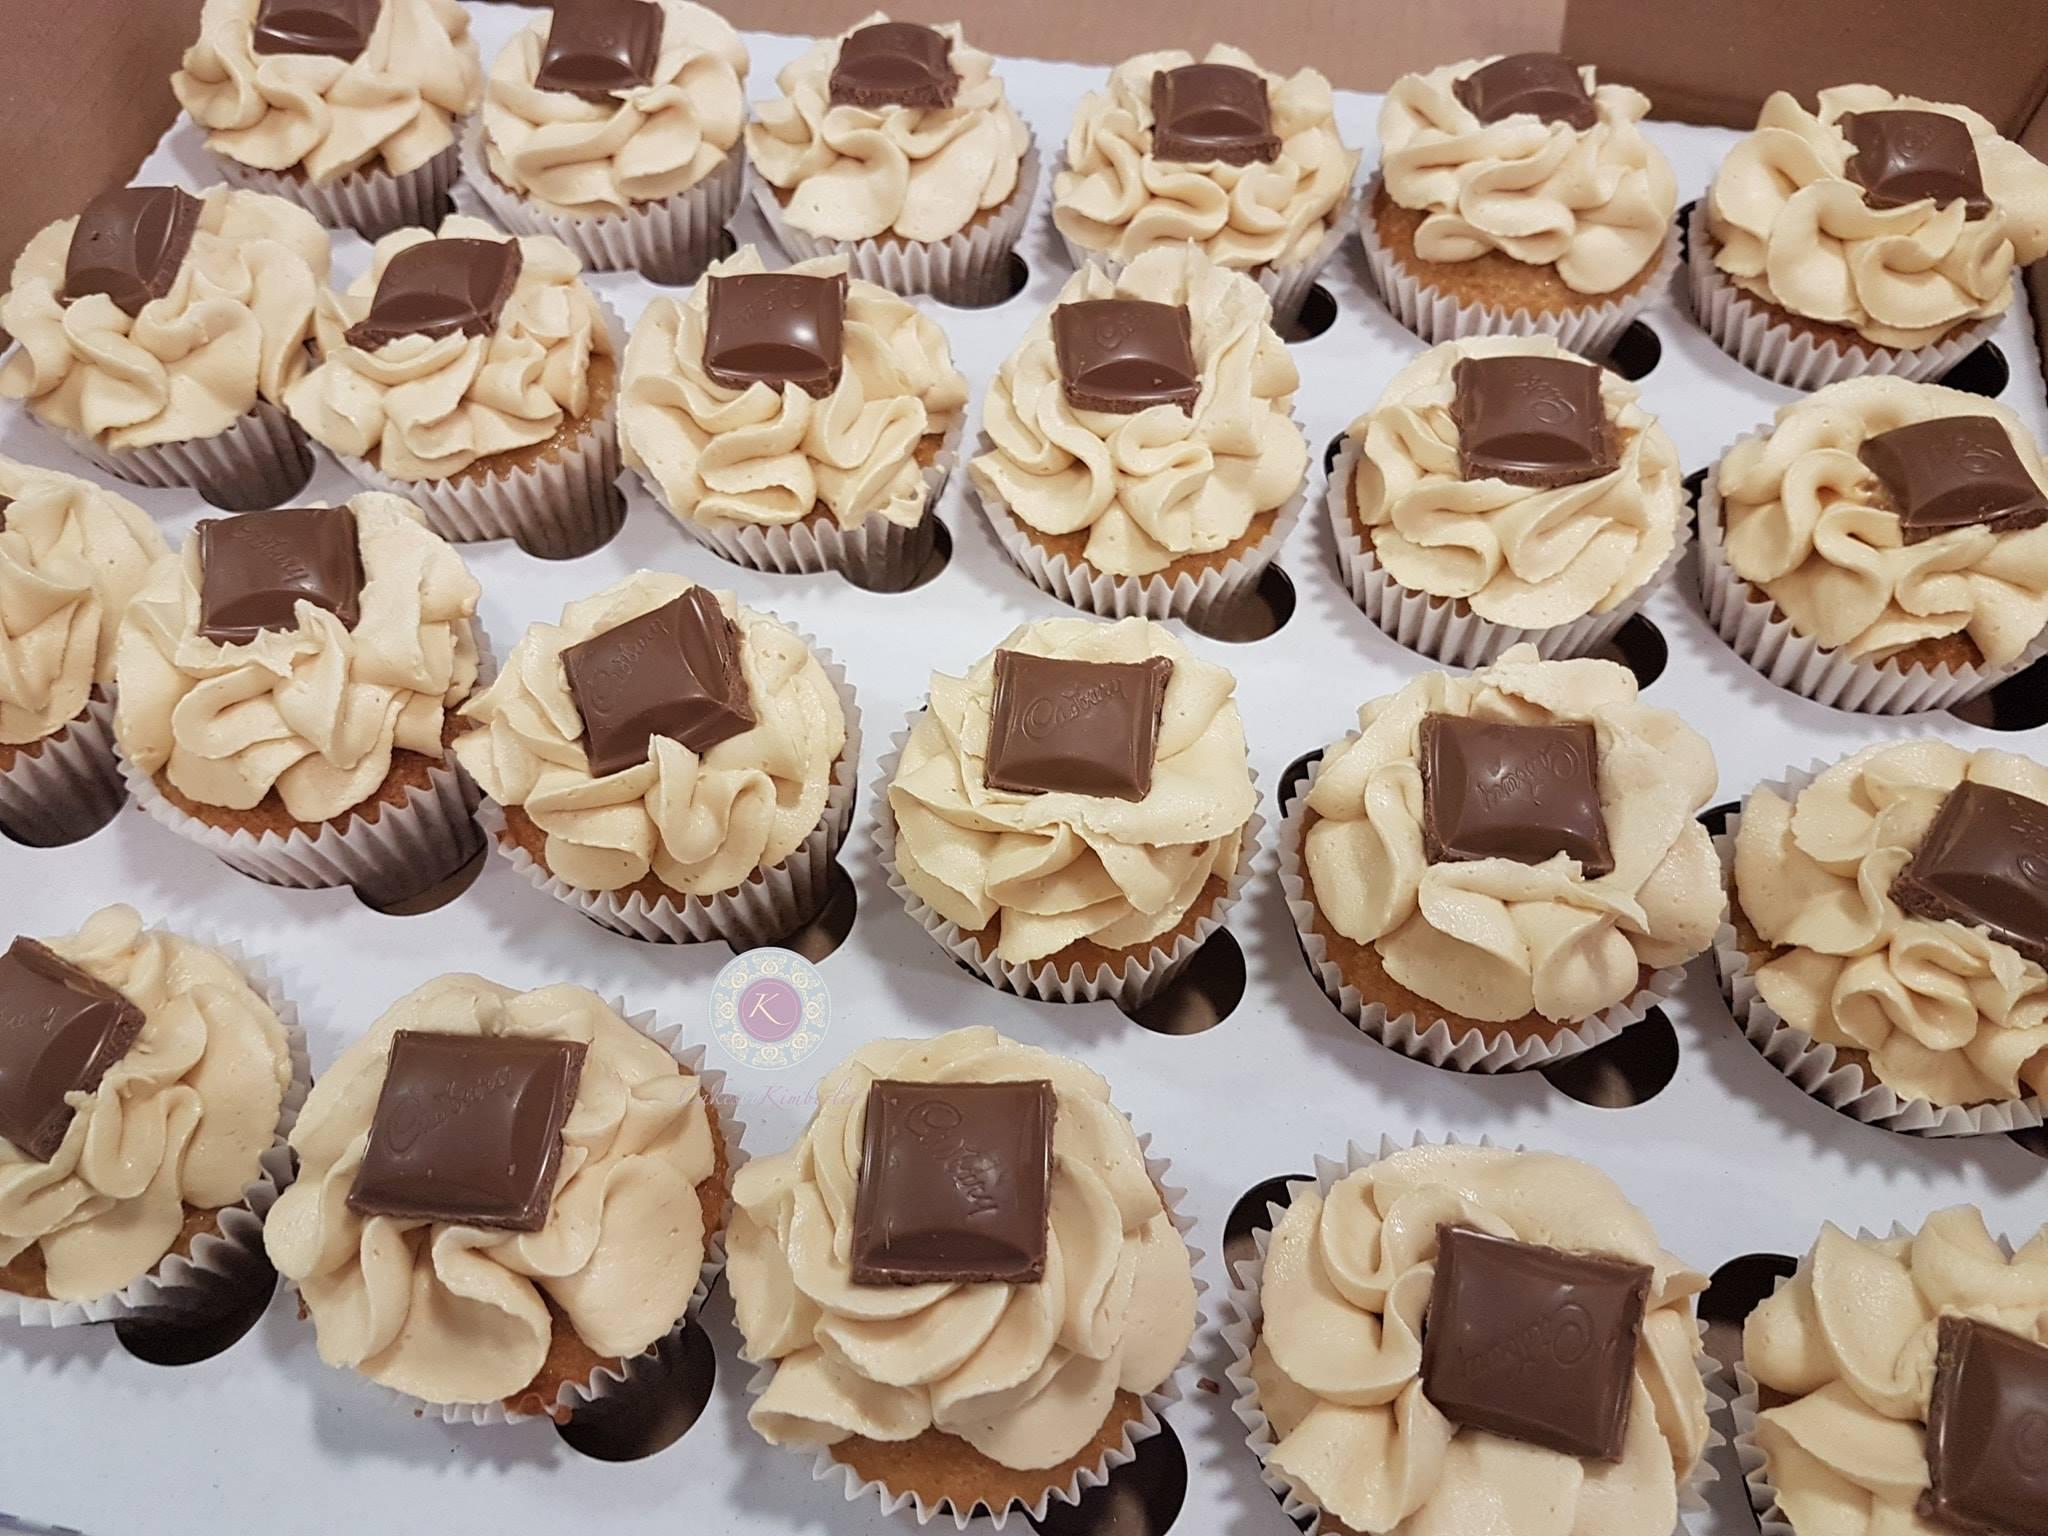 Cupcakes - Caramel